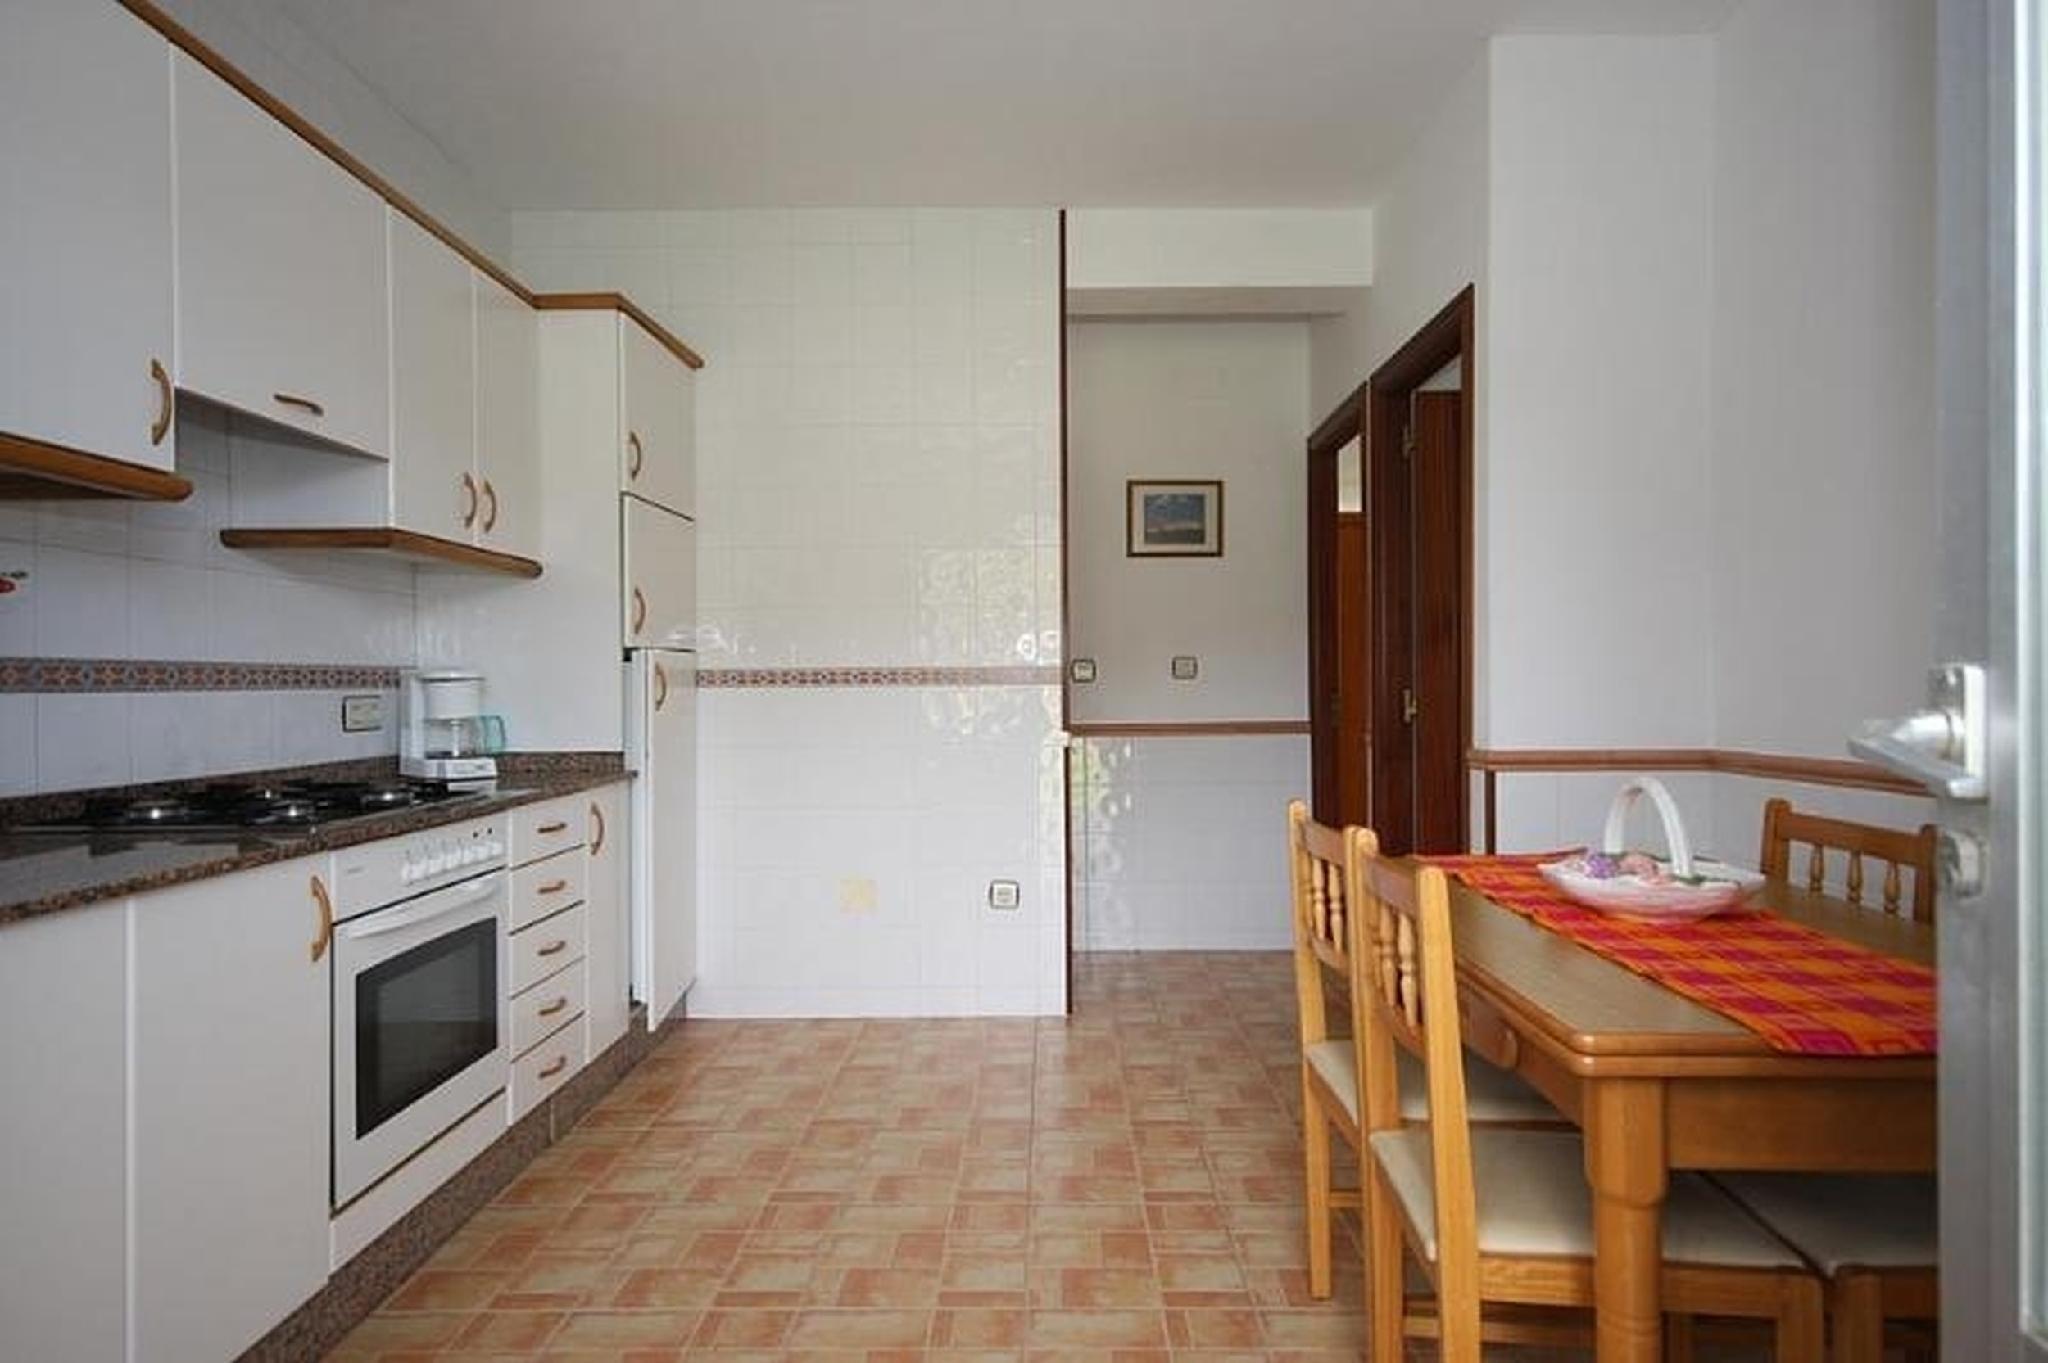 102054   Apartment In Muros